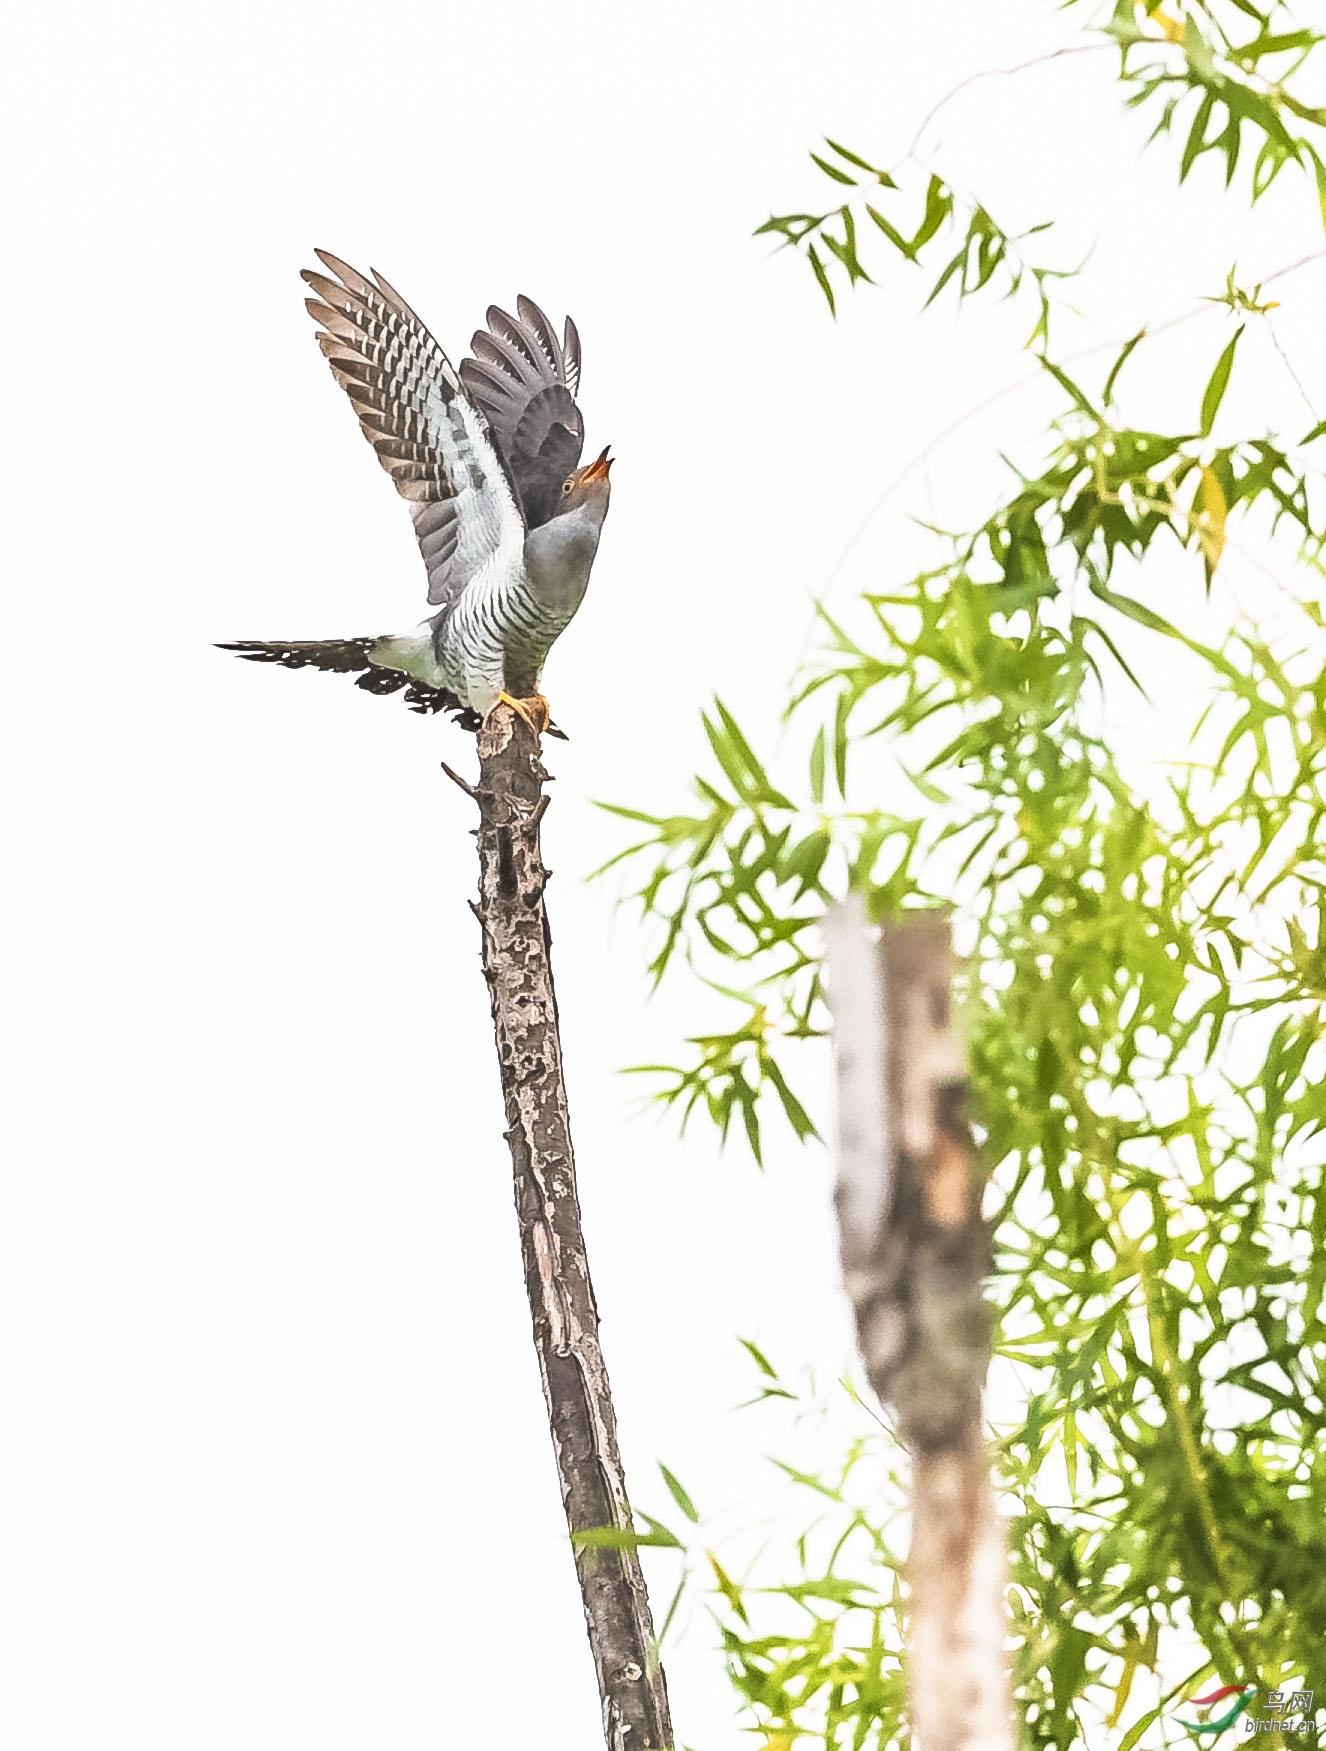 杜鹃正在寻找代育者的窝,突然发现一只大尾莺向自己扑来。